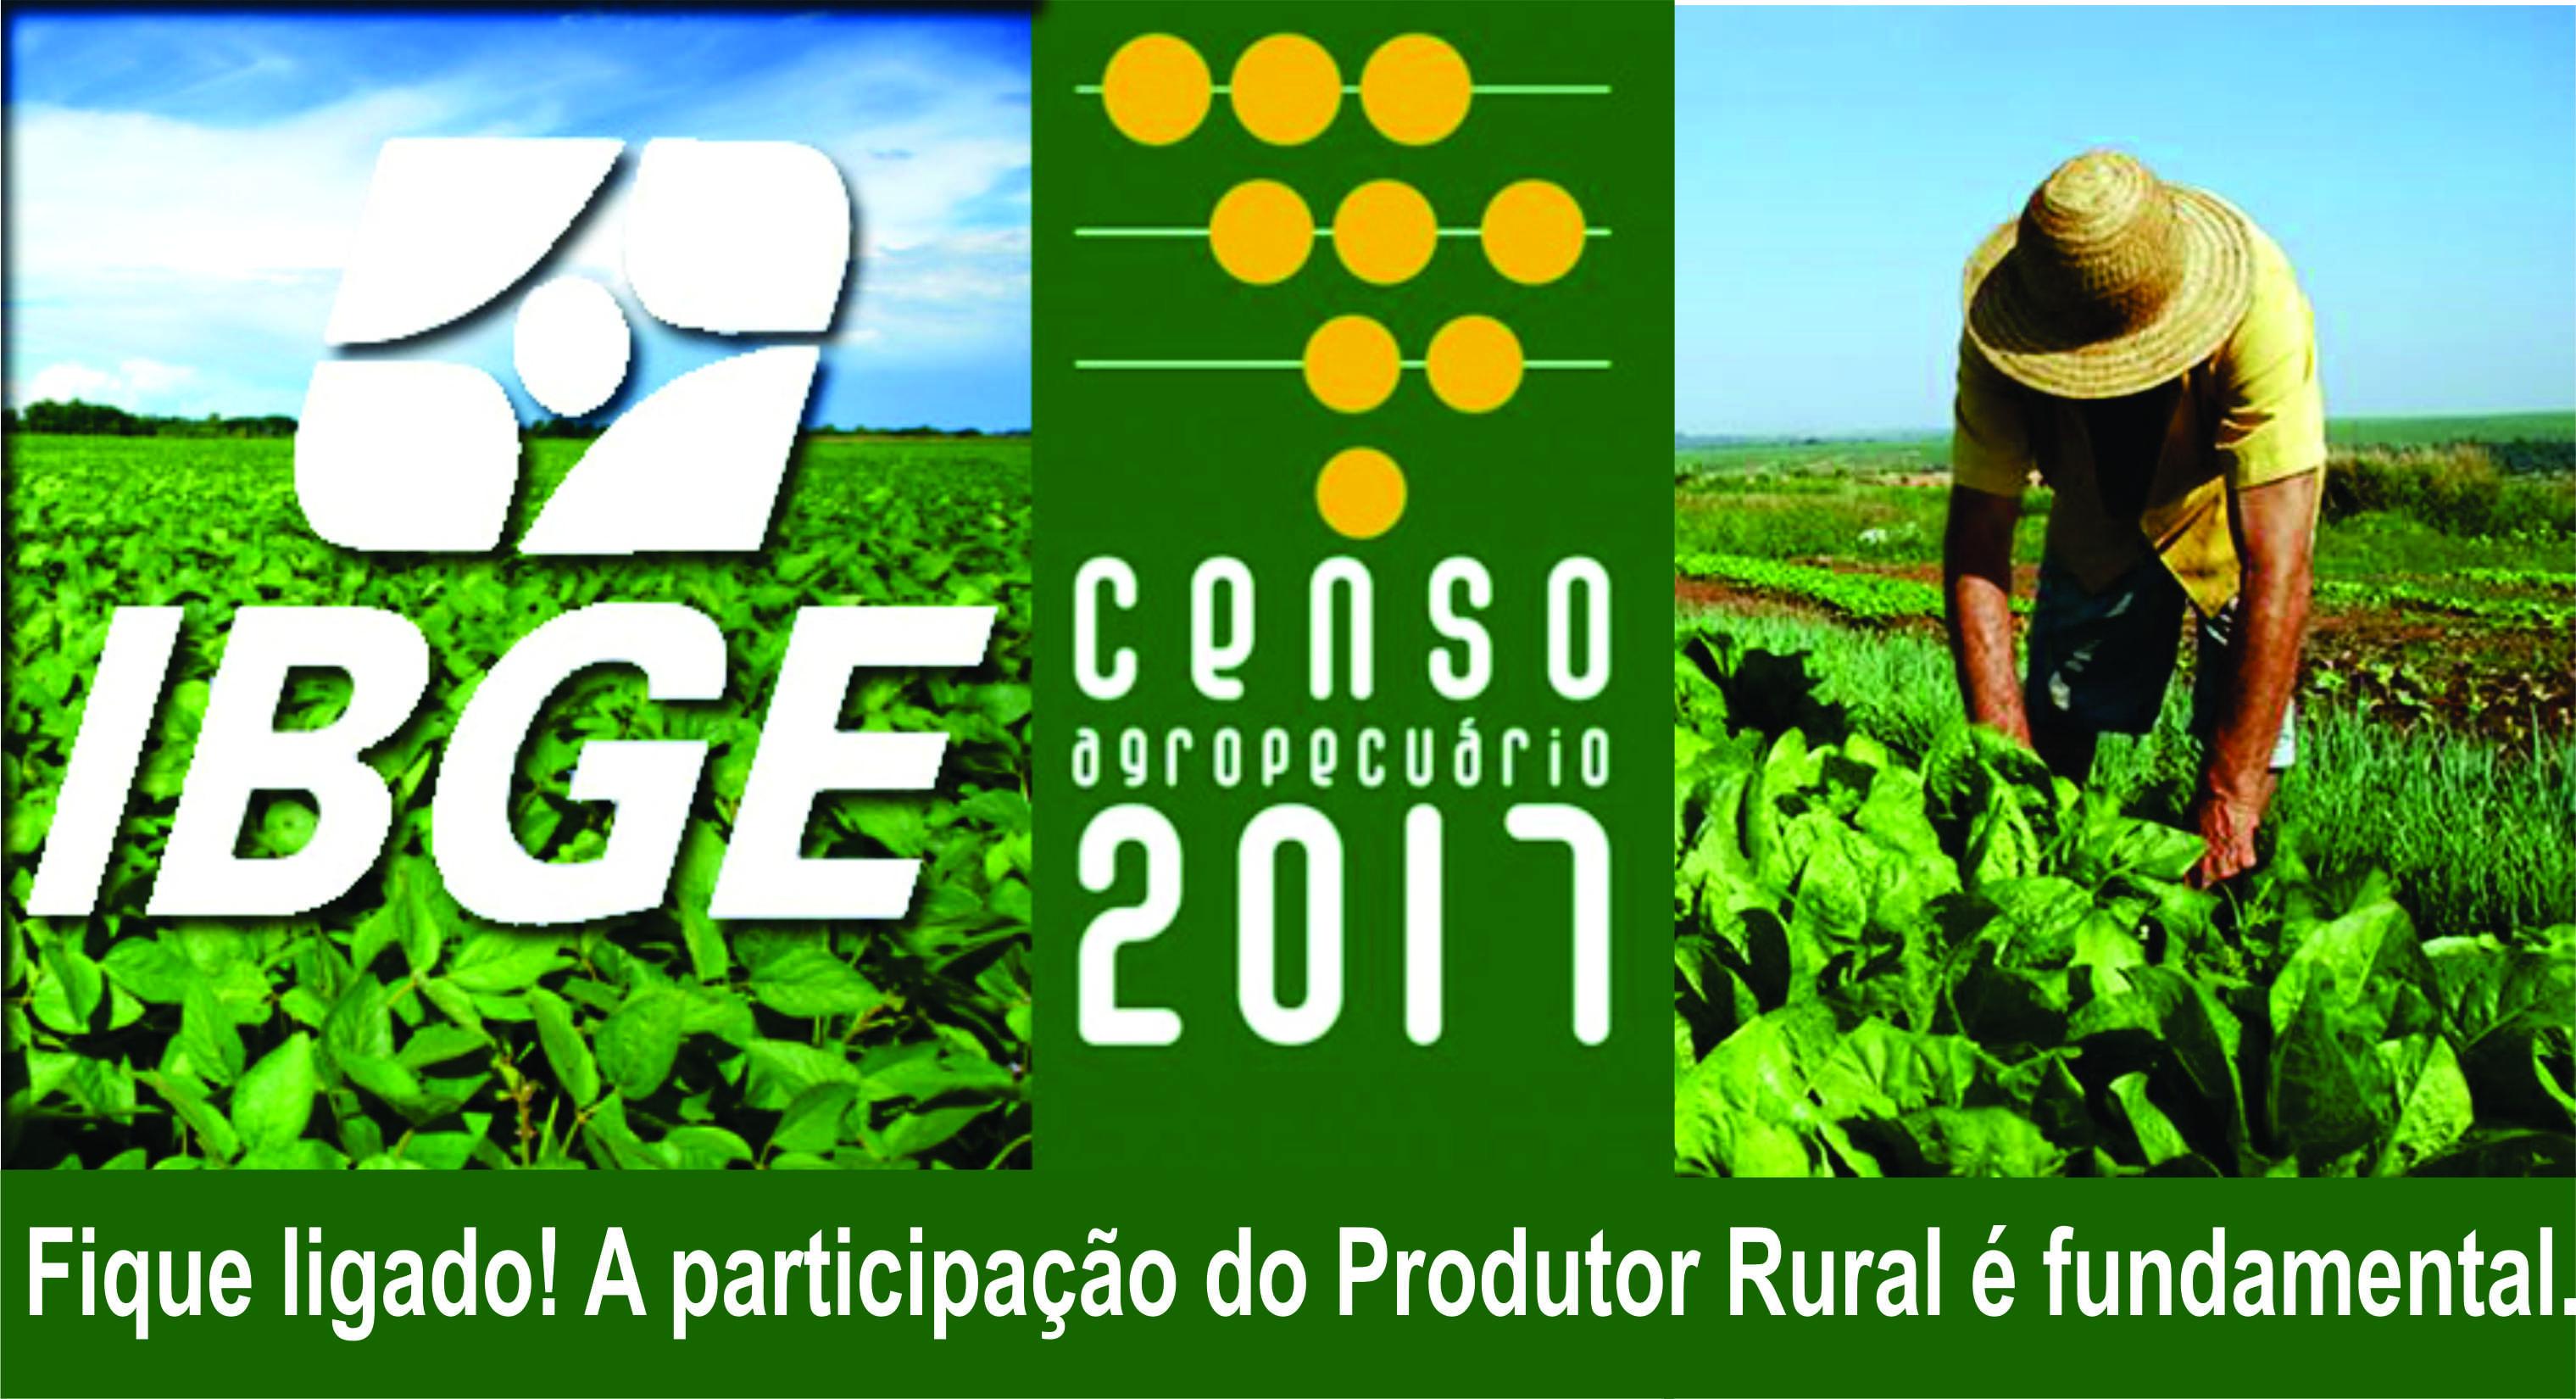 IBGE da inicio ao Censo Agropecuário 2017